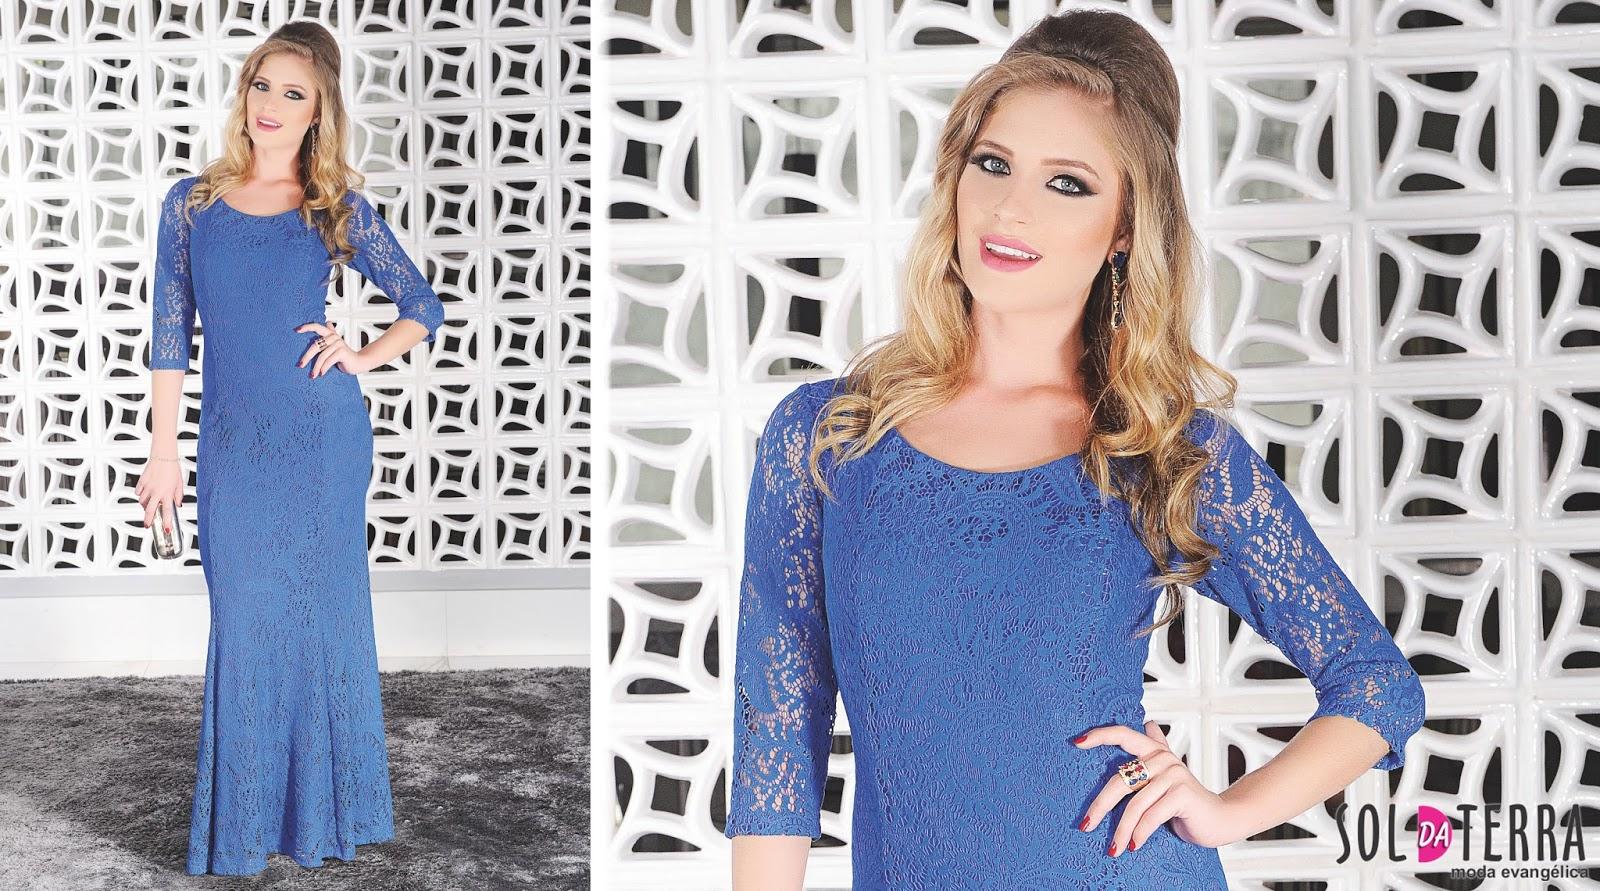 a40e9076f Blog - Lojas Sol da Terra Moda Evangelica